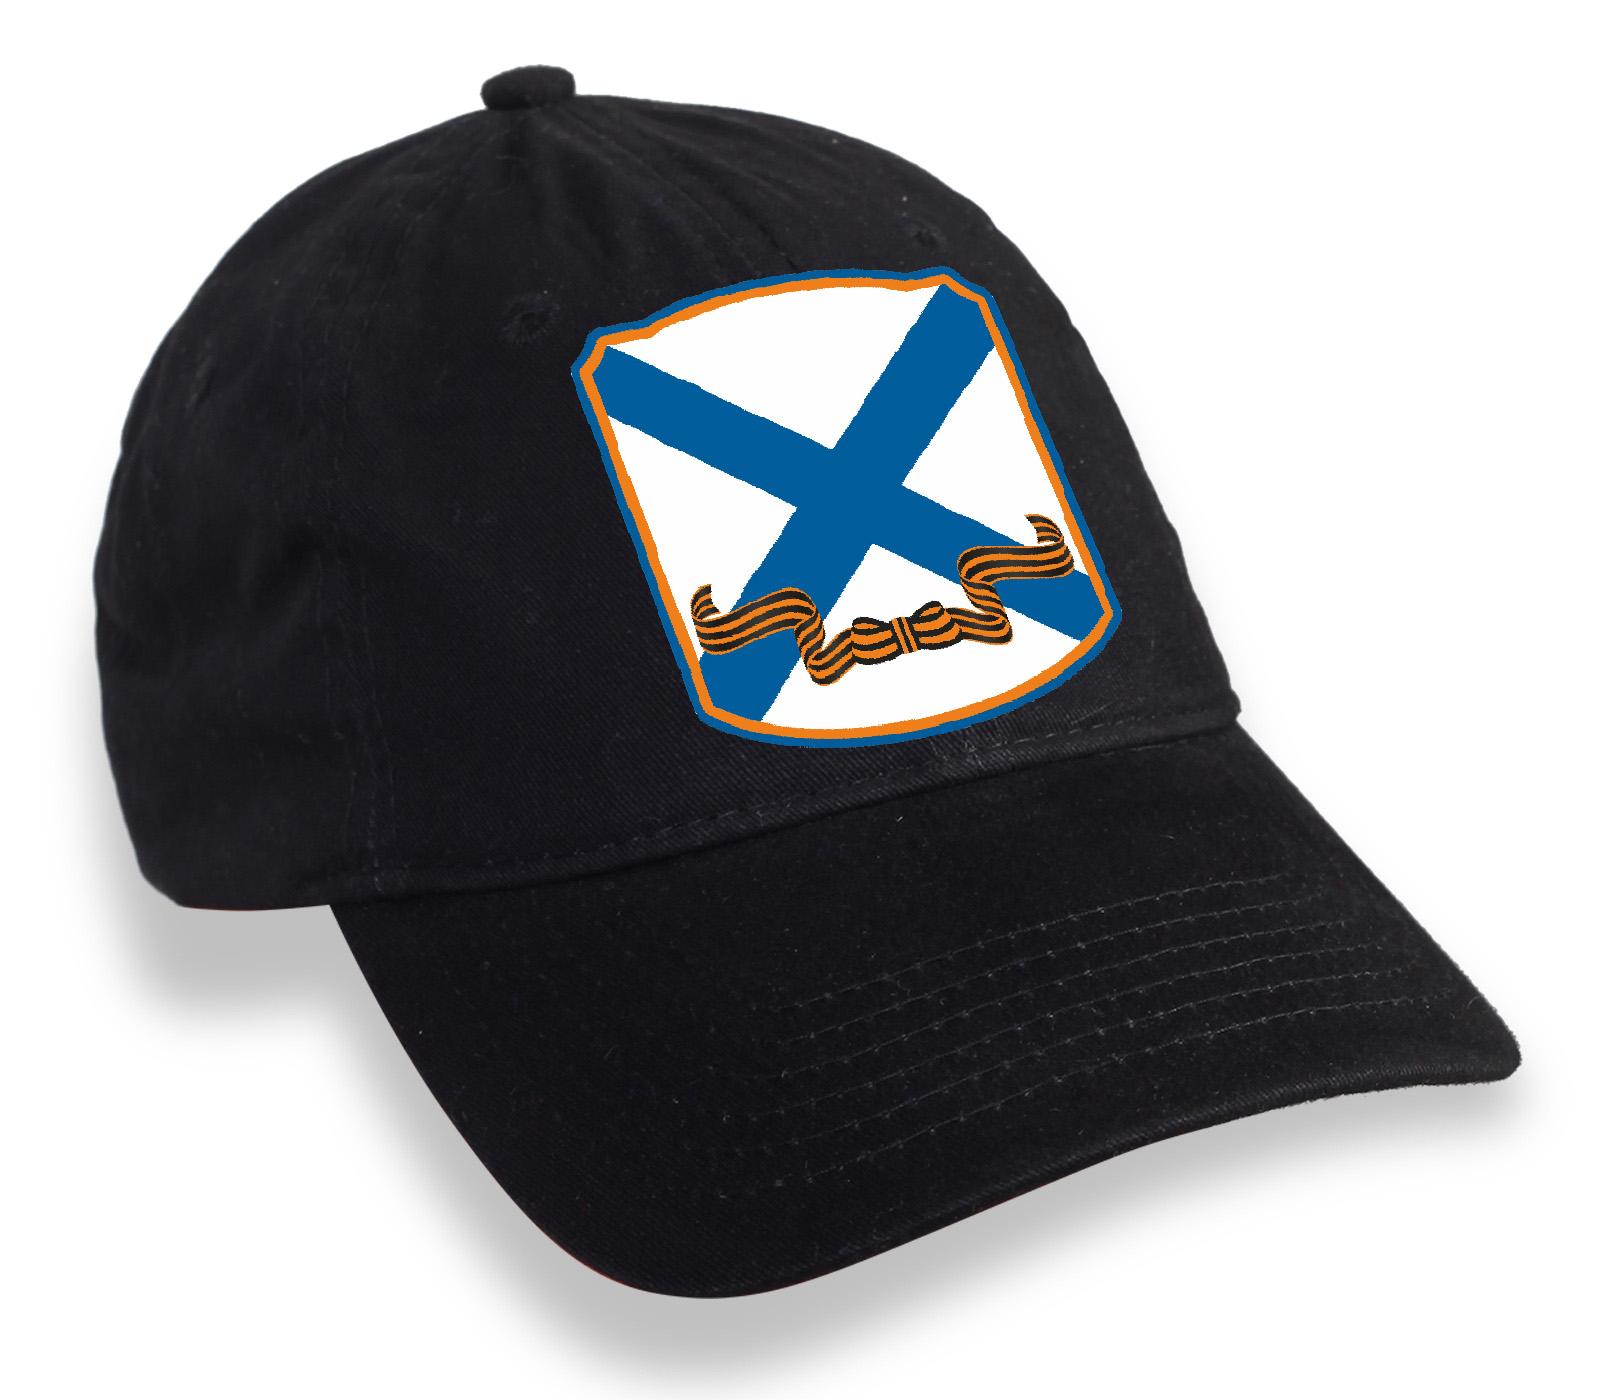 Чёрная бейсболка Гвардейский Андреевский флаг